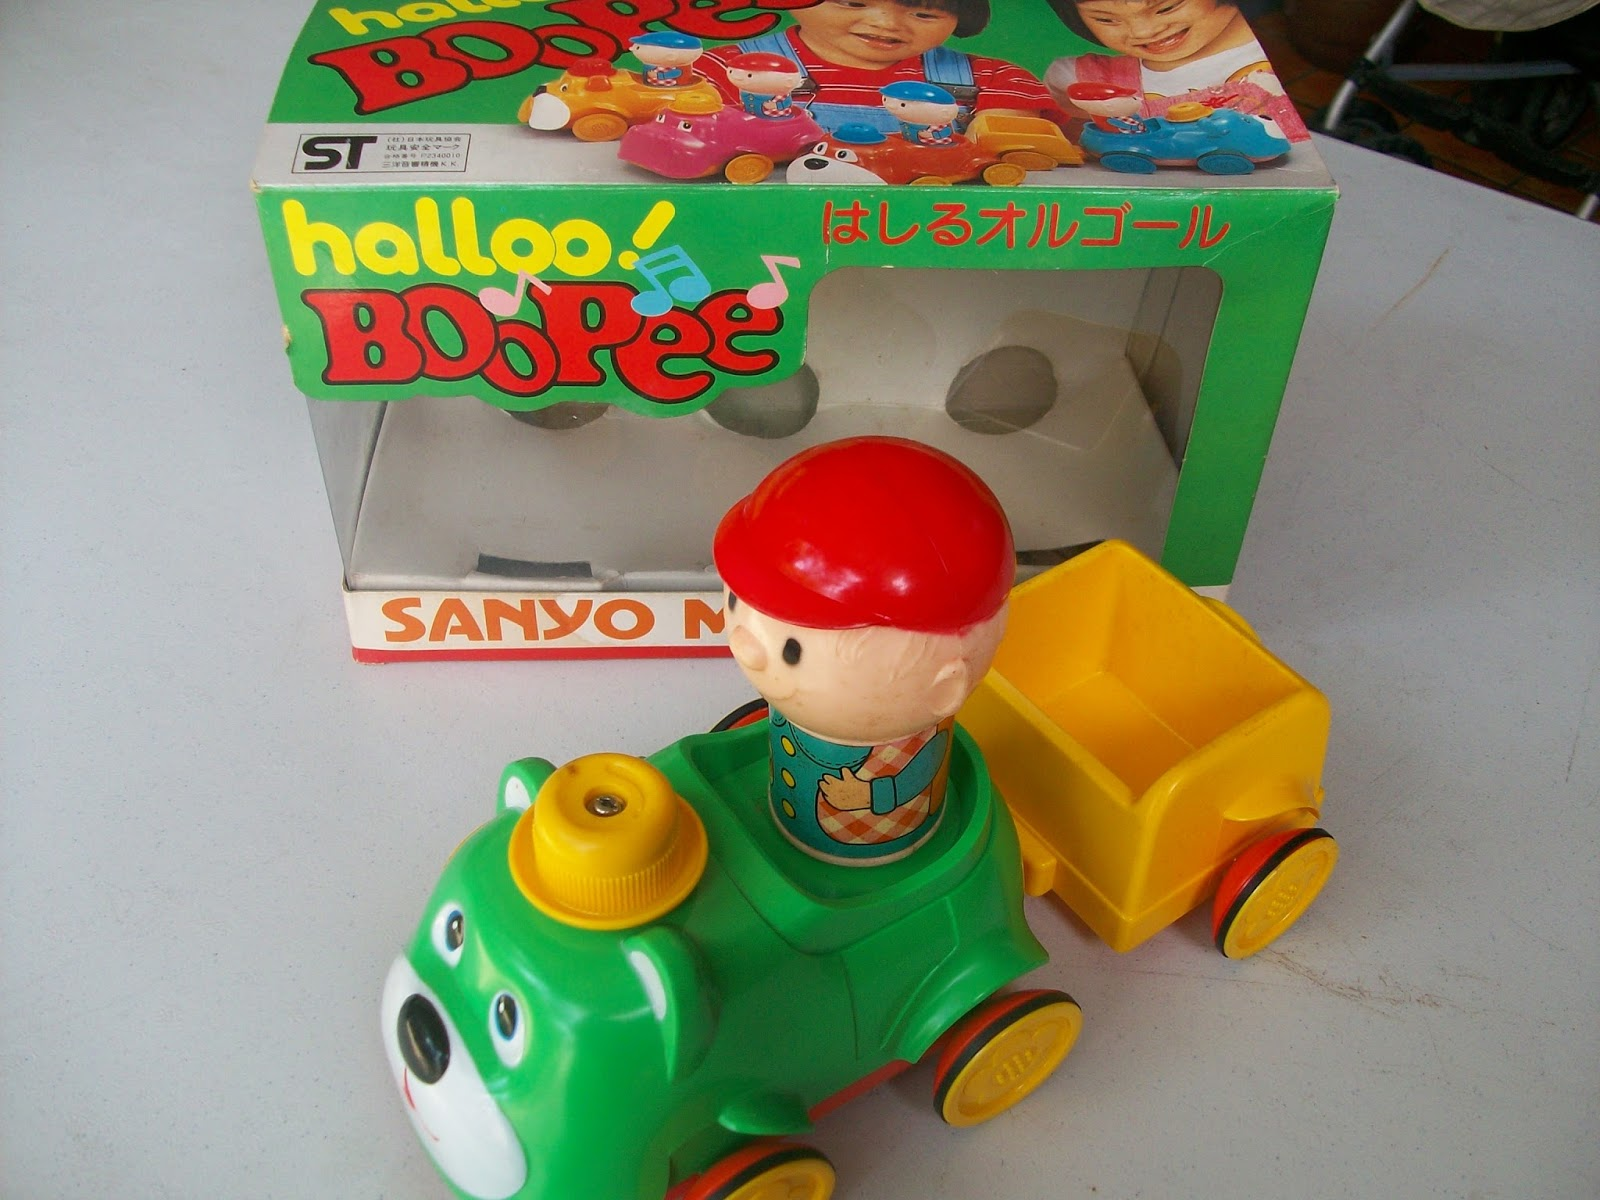 mainan bayi atau anak2 di bawah umur 5 tahun ini unik mainan ini diproduksi oleh perusahaan sanyo japan yang biasa memproduksi elektronik